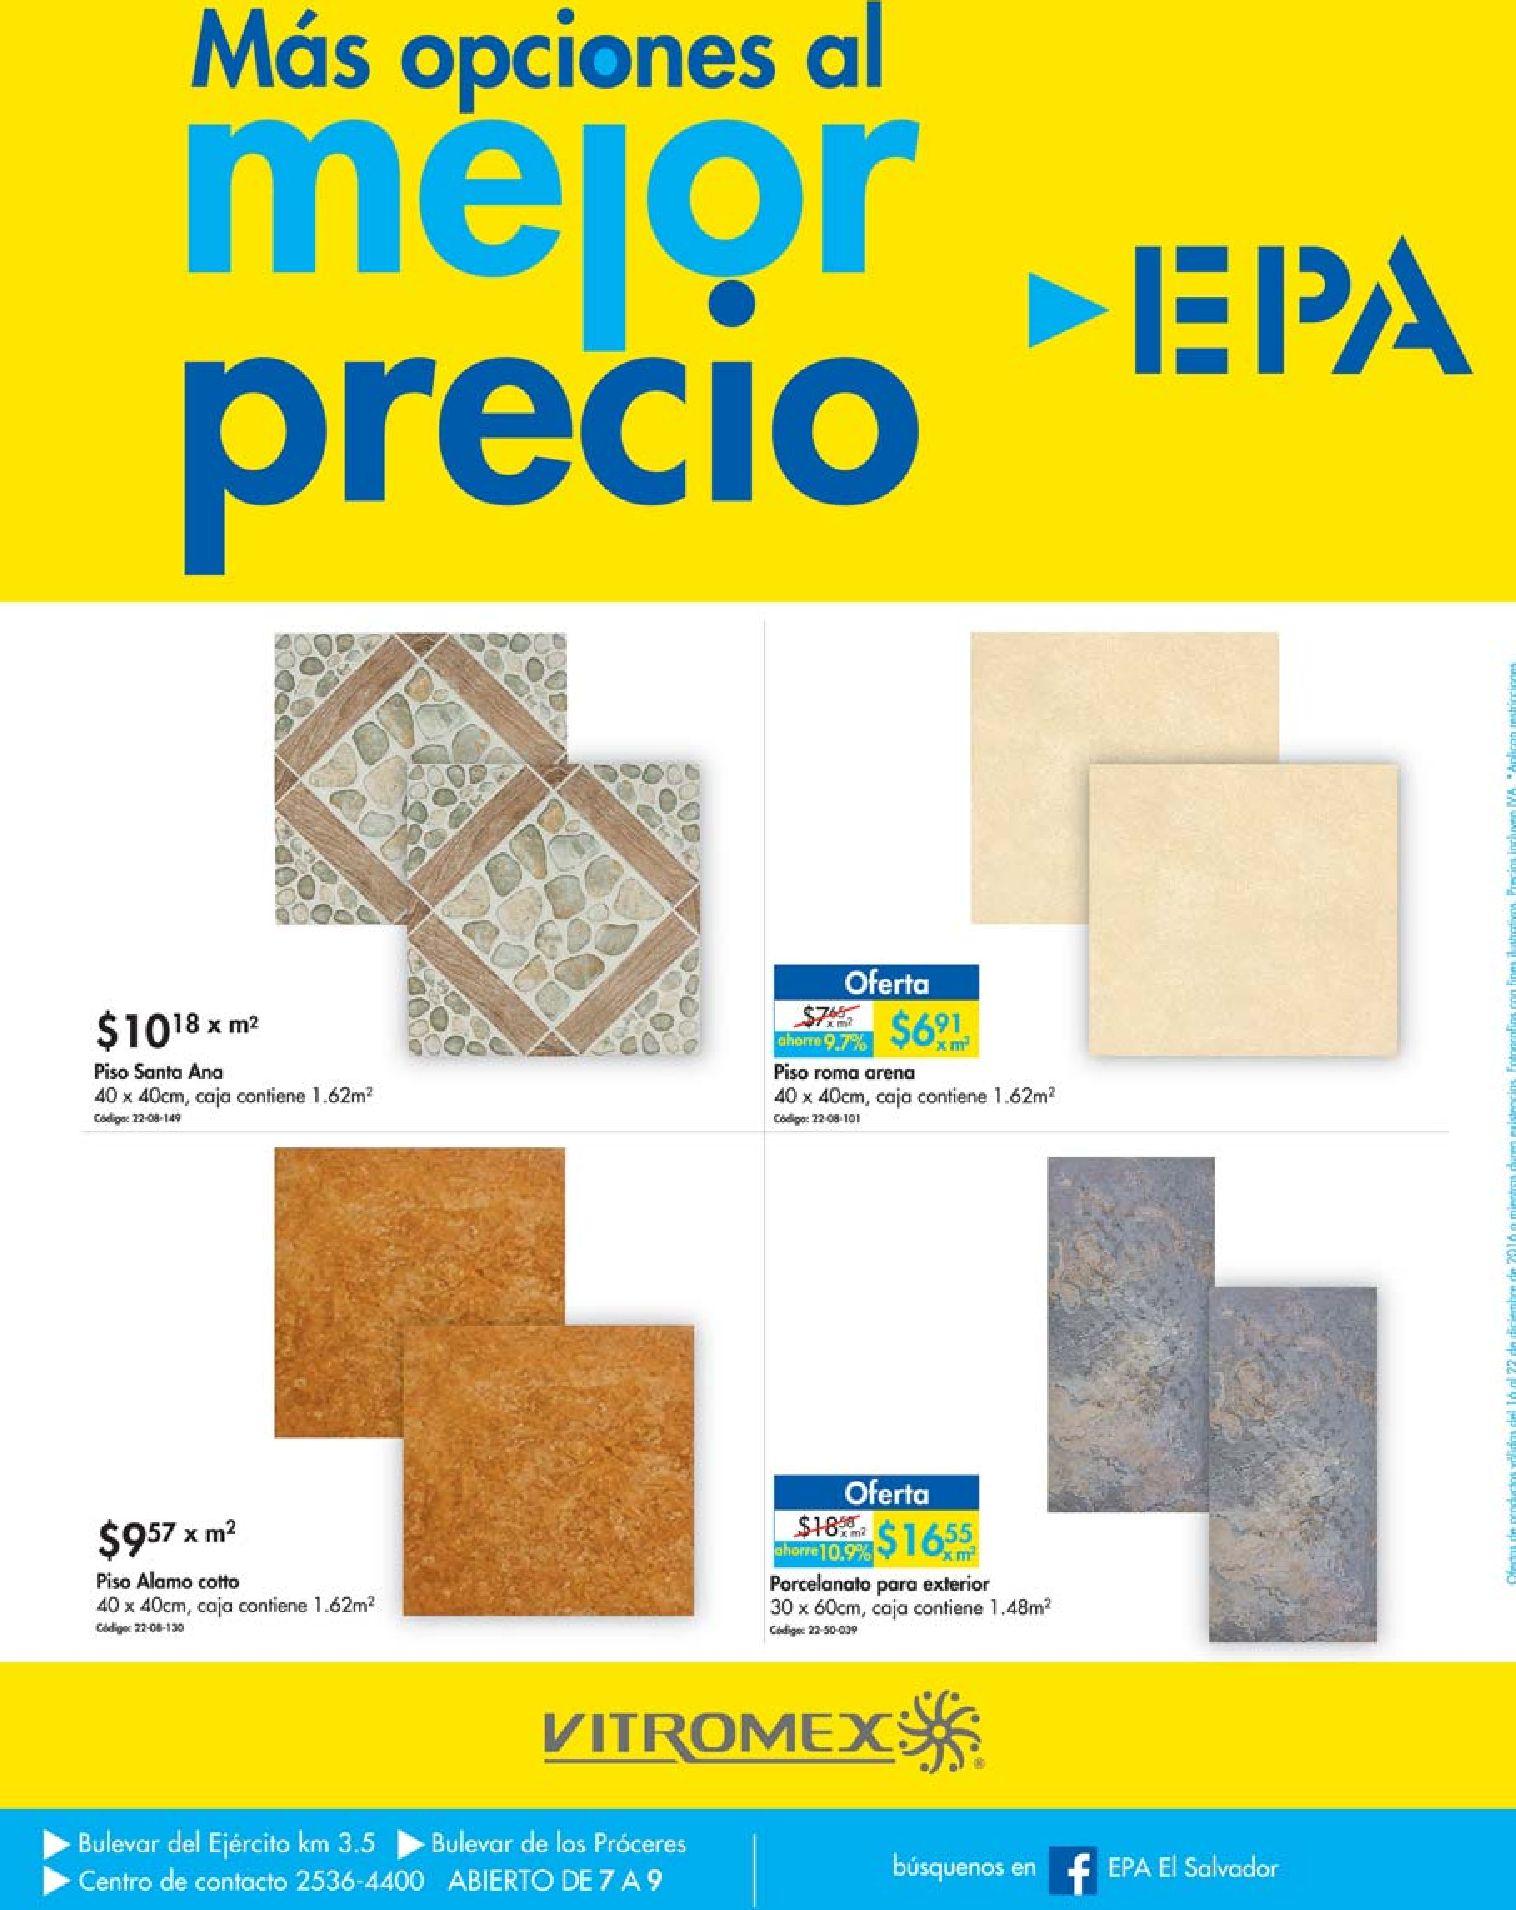 Pisos ceramicos en epa de la marca vitromex ofertas ahora for Pisos ceramicos en oferta